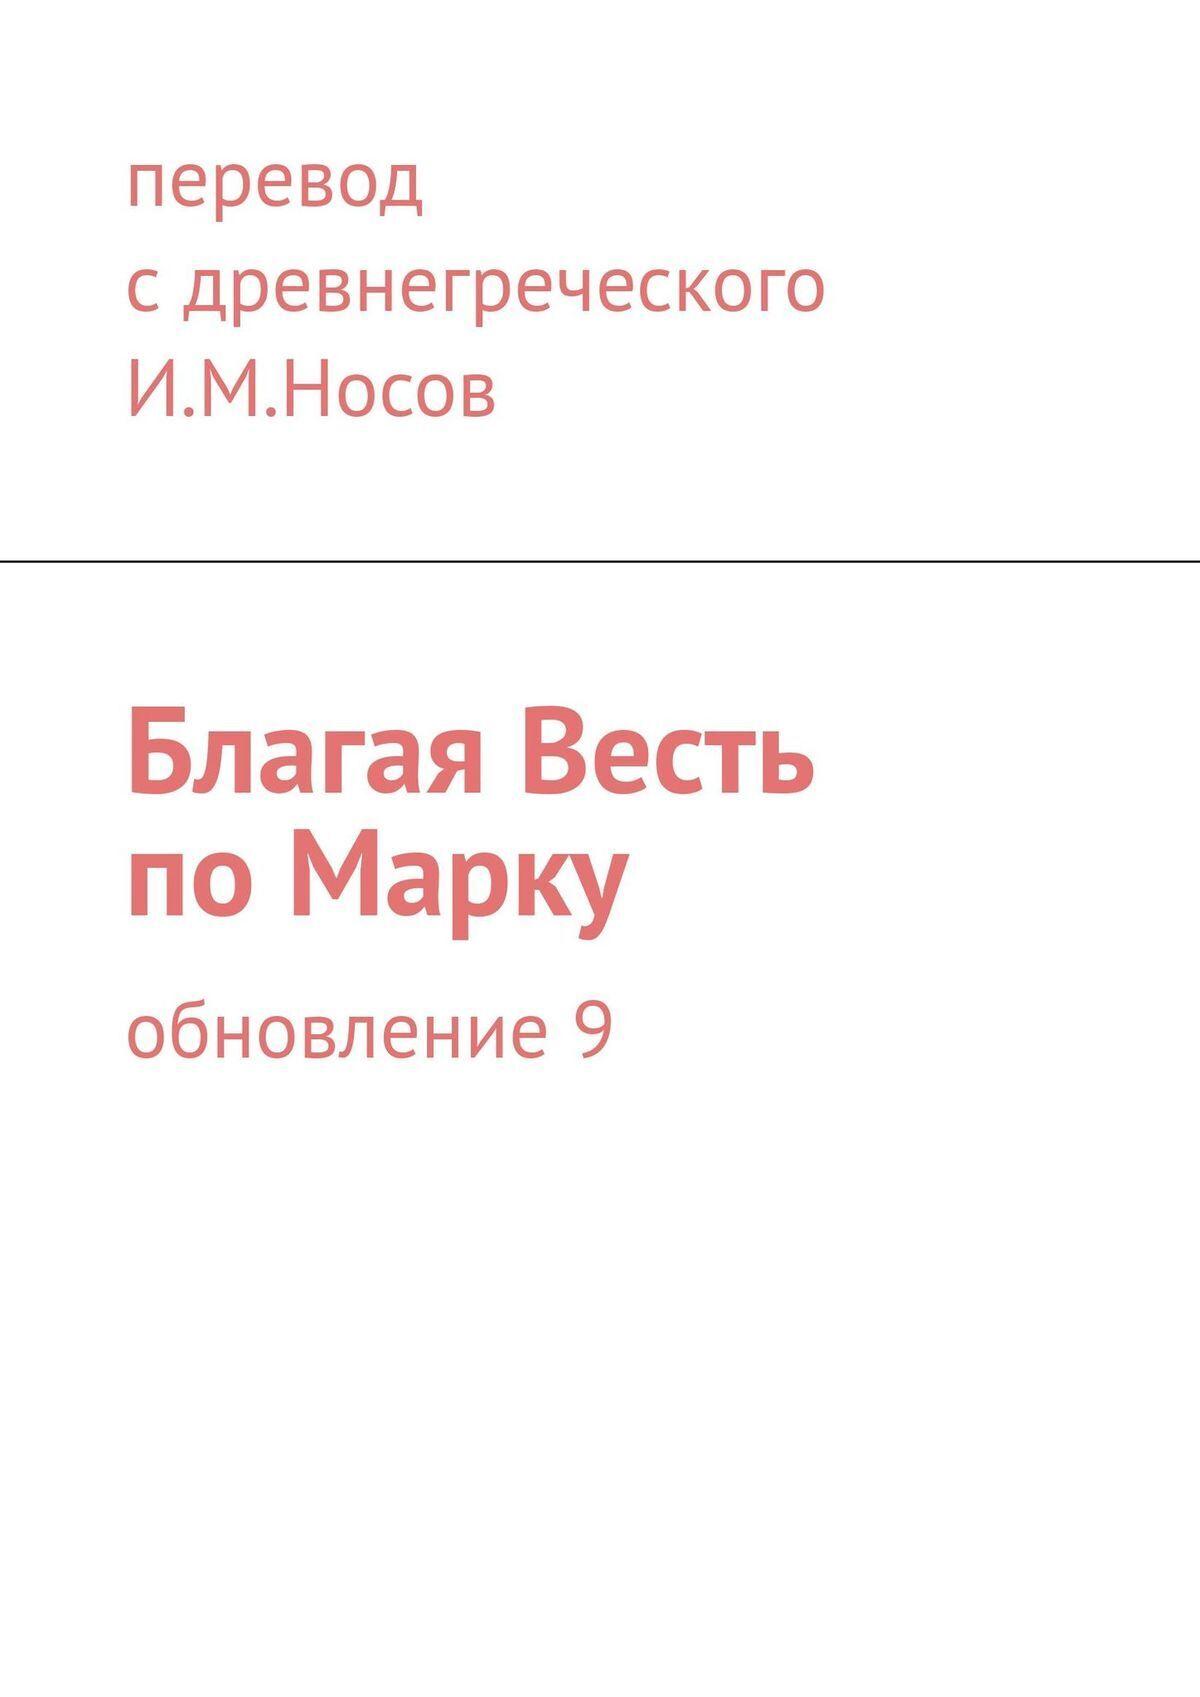 И. М. Носов Благая Весть по Марку. Издание2-ое